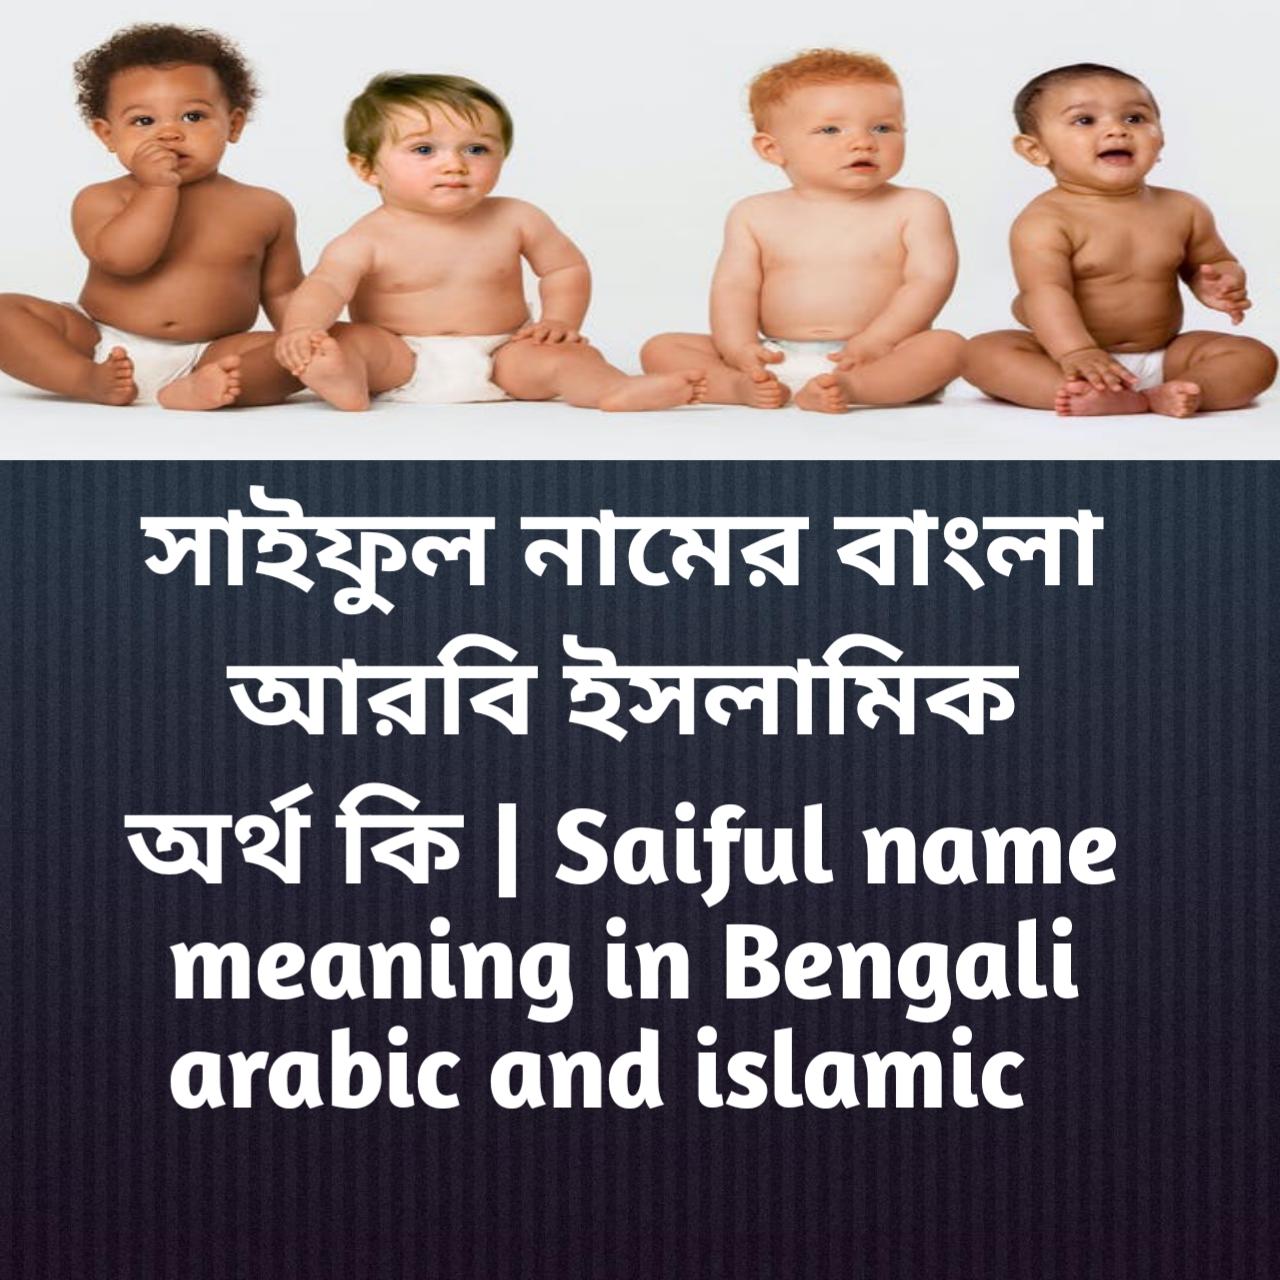 সাইফুল নামের অর্থ কি, সাইফুল নামের বাংলা অর্থ কি, সাইফুল নামের ইসলামিক অর্থ কি, Saiful name meaning in Bengali, সাইফুল কি ইসলামিক নাম,